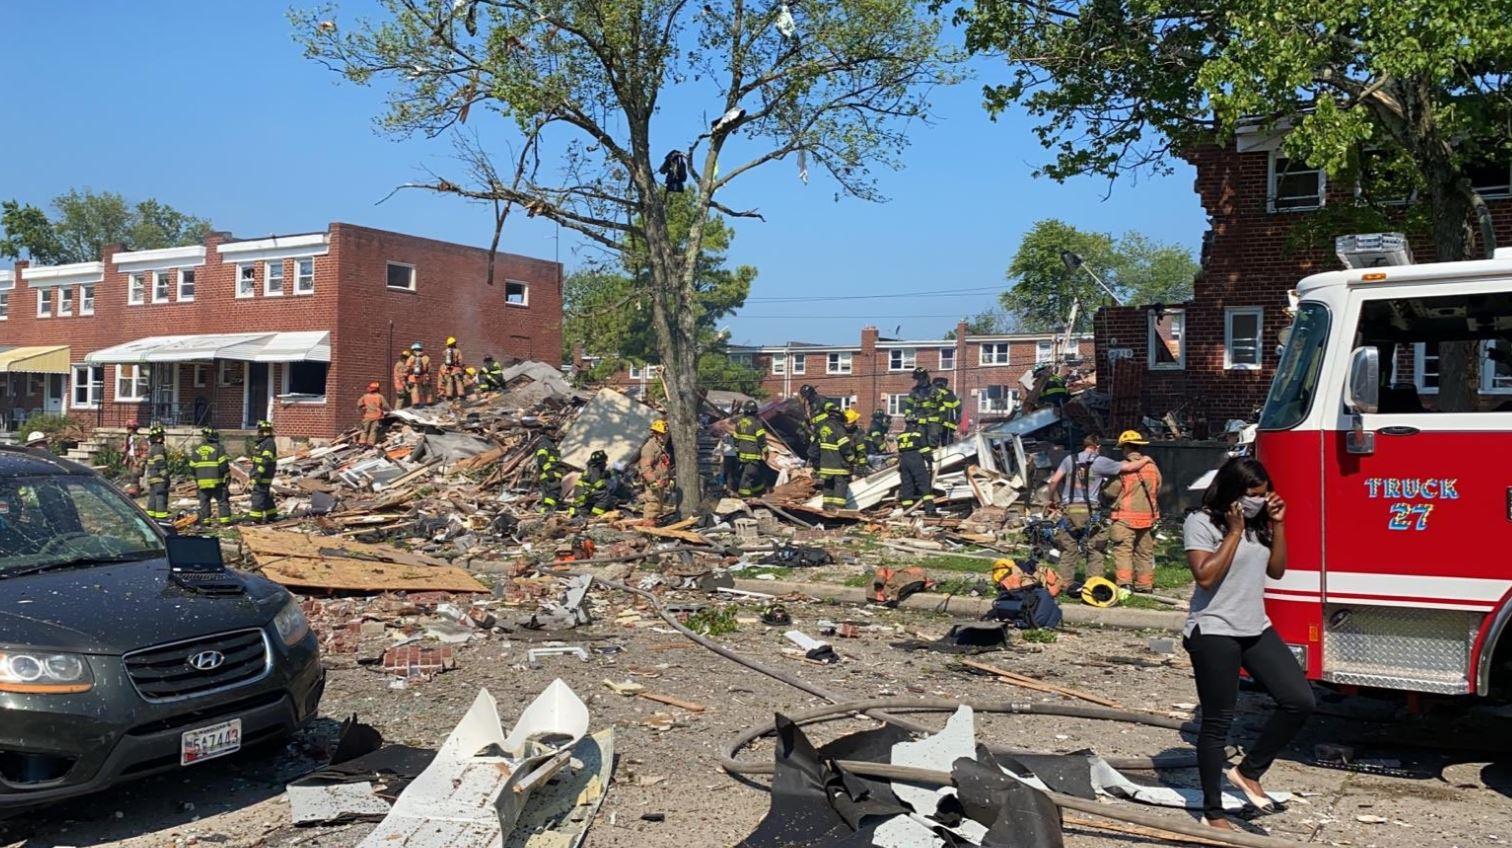 اللحظات الأولى بعد انفجار دمر 4 منازل في ولاية بالتيمور الأمريكية (3)